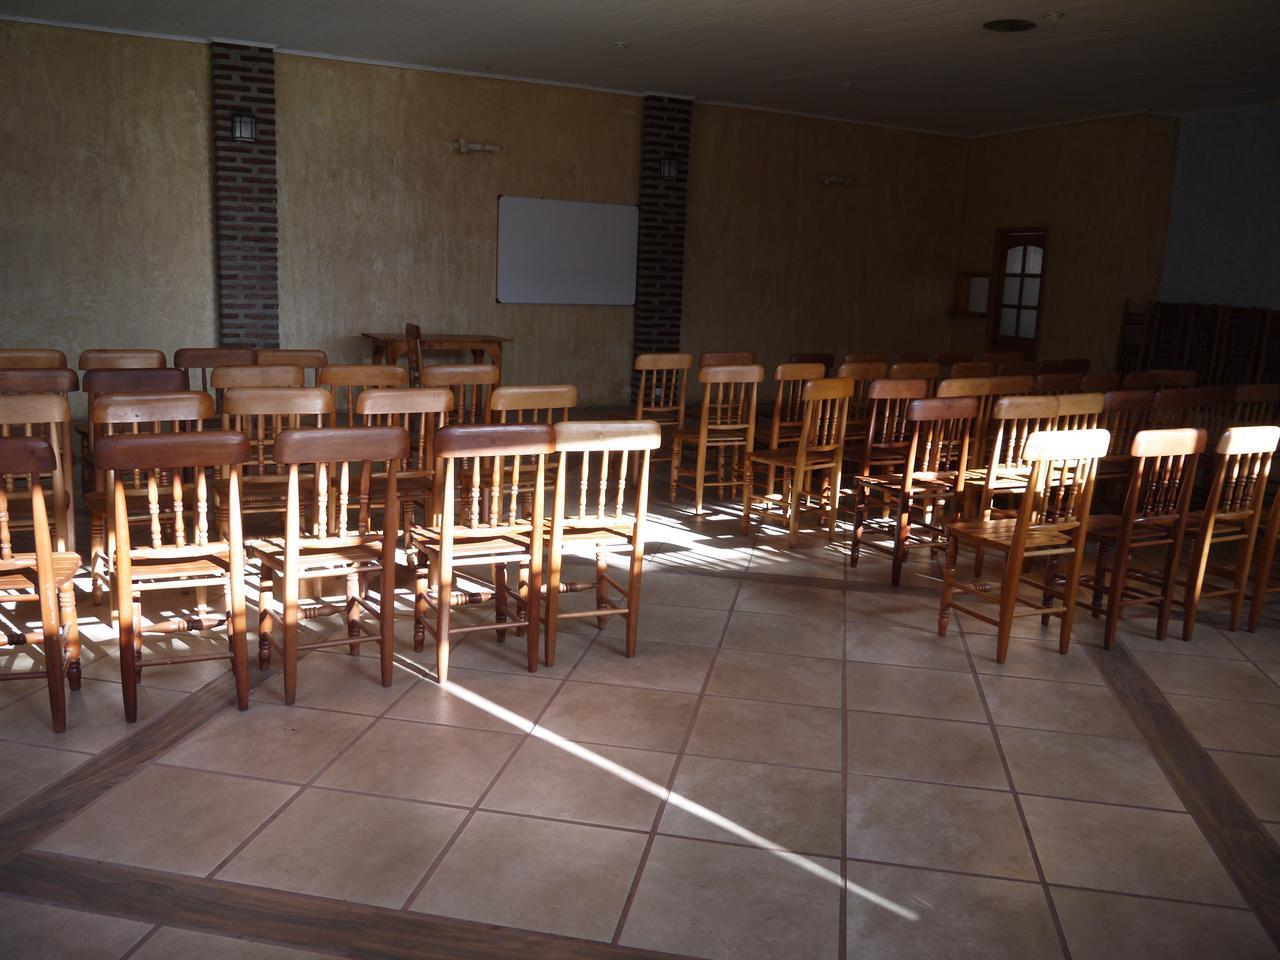 画像: 皆既時の太陽の位置/エルモジェのホテル敷地内から撮影